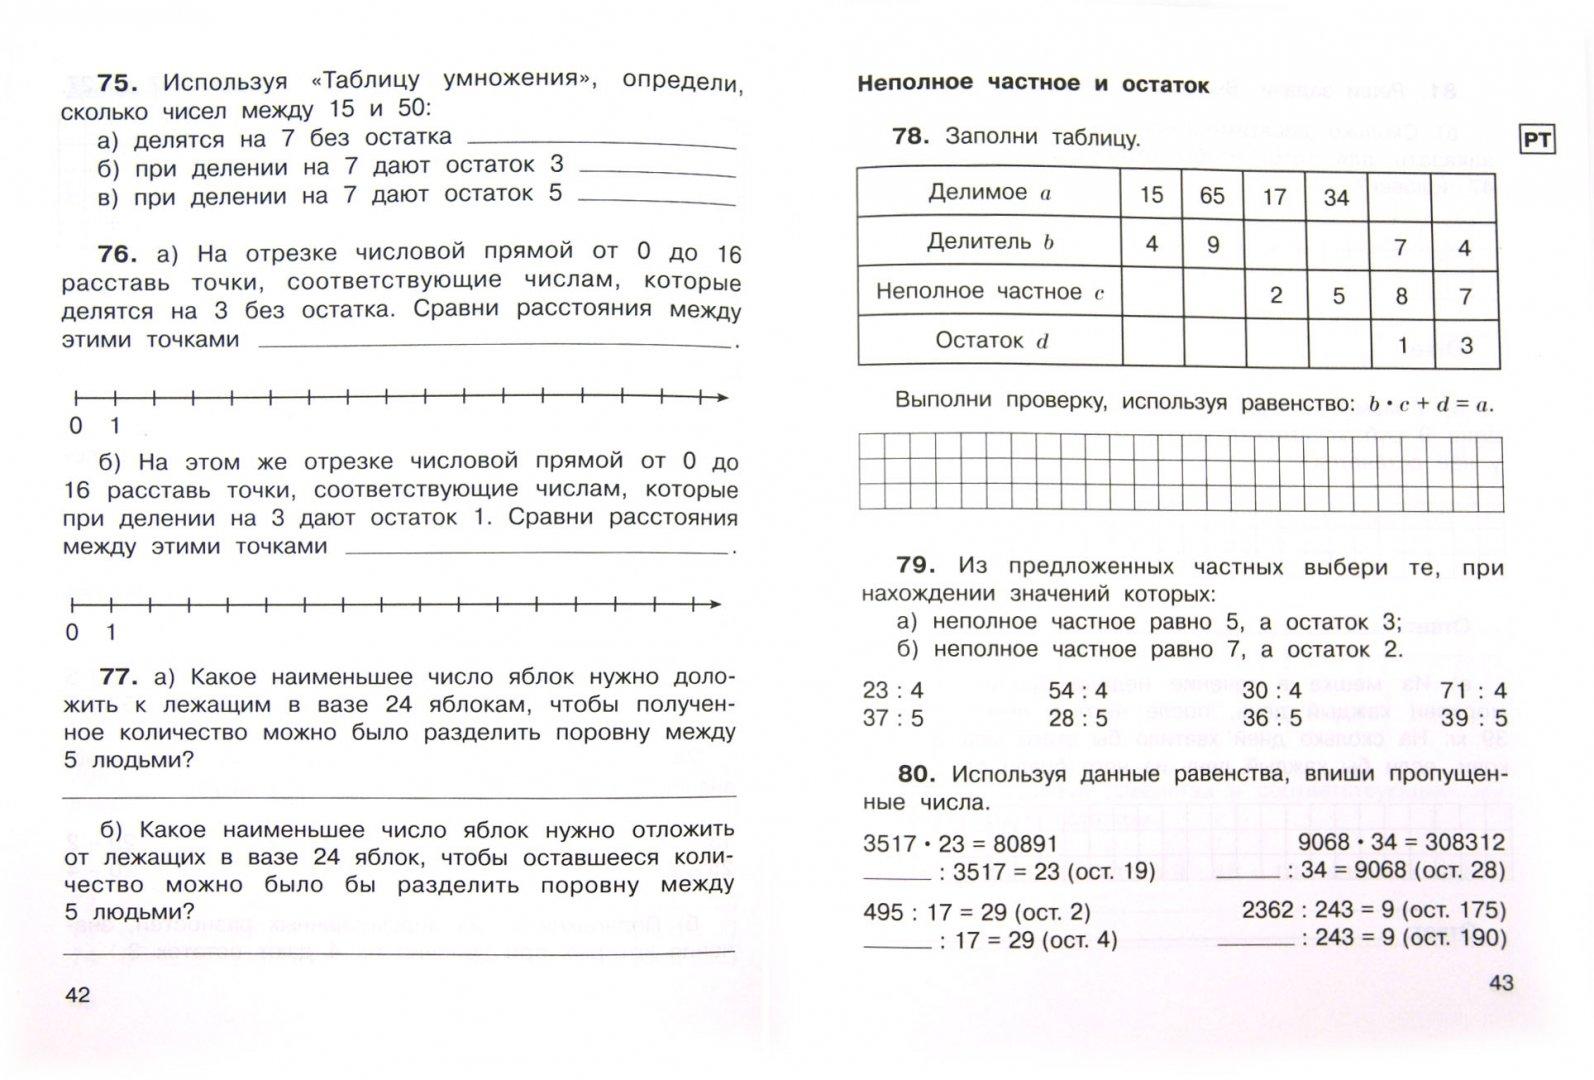 Иллюстрация 1 из 17 для Математика в вопросах и заданиях. 4 класс. Тетрадь для самостоятельной работы №1. ФГОС - Захарова, Юдина   Лабиринт - книги. Источник: Лабиринт